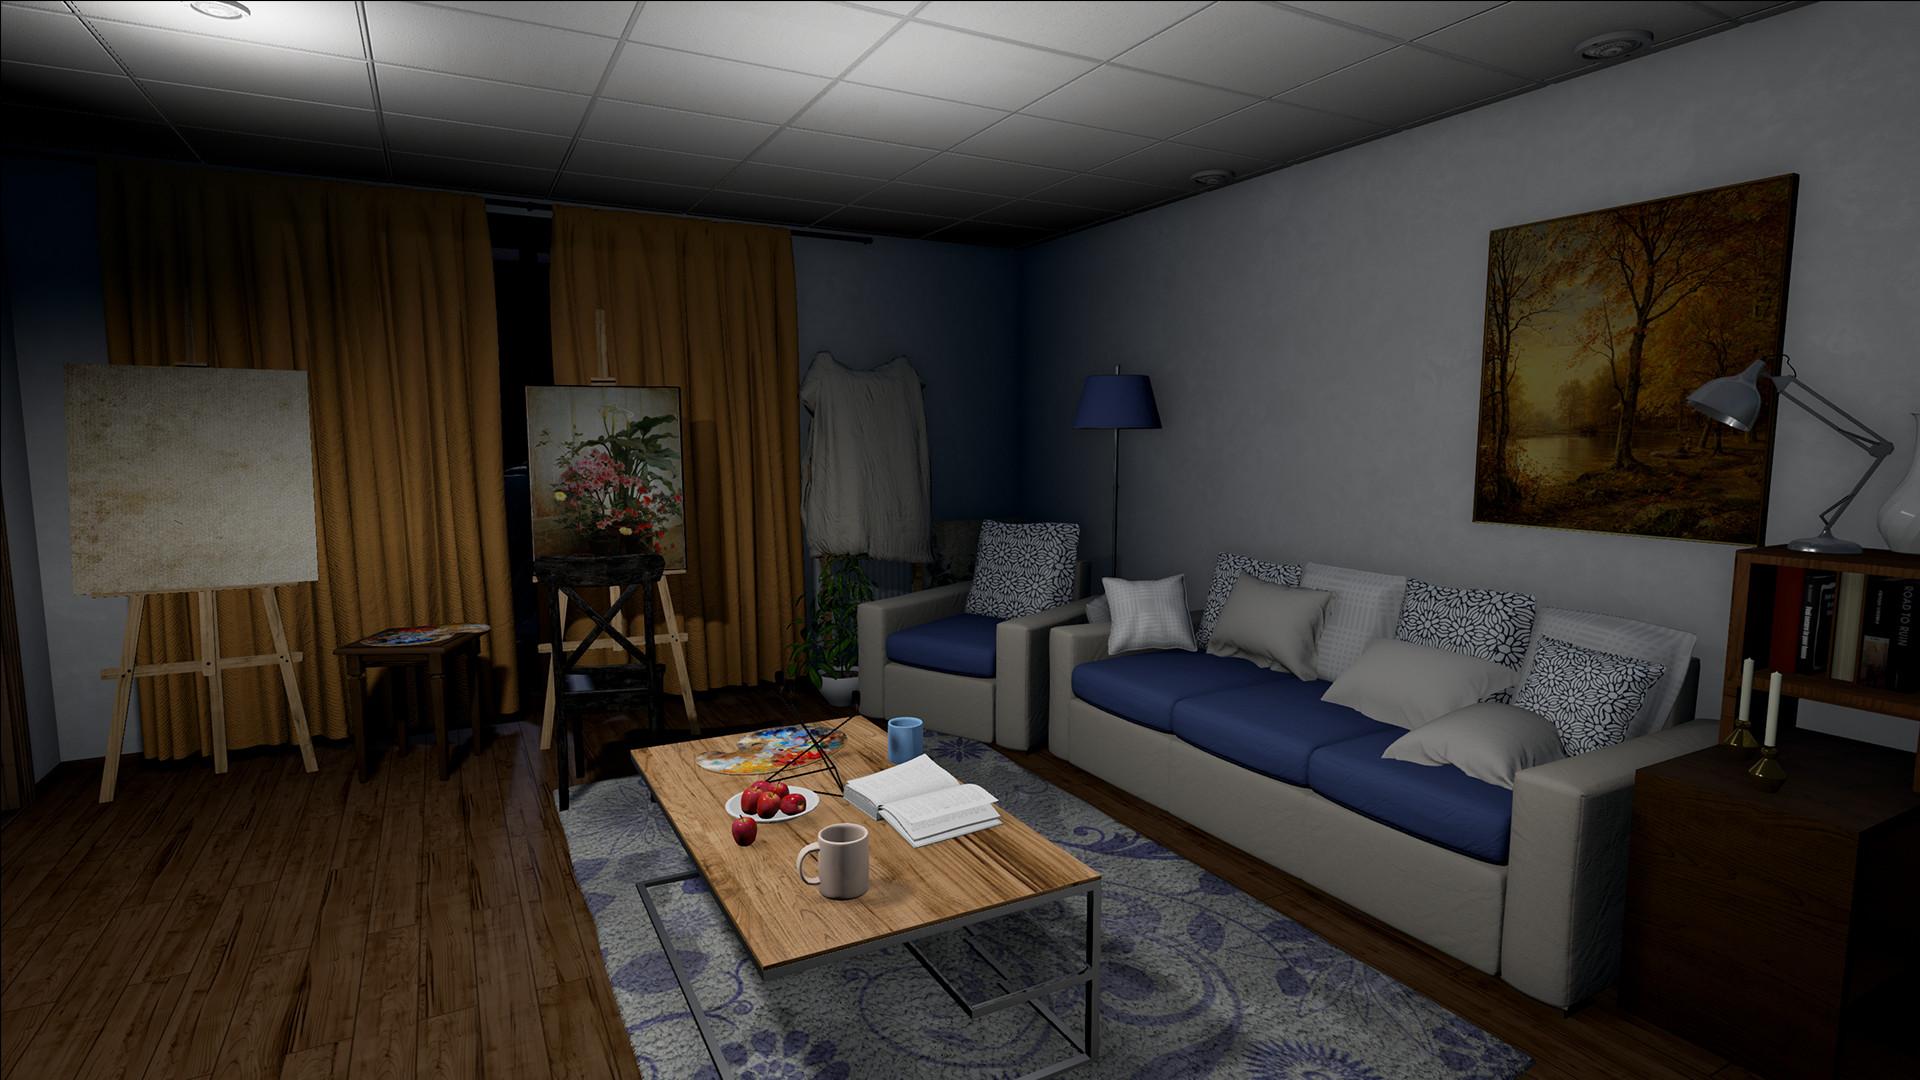 Опубликовано 13 минут геймплея The Apartment — психологического хоррора-головоломки